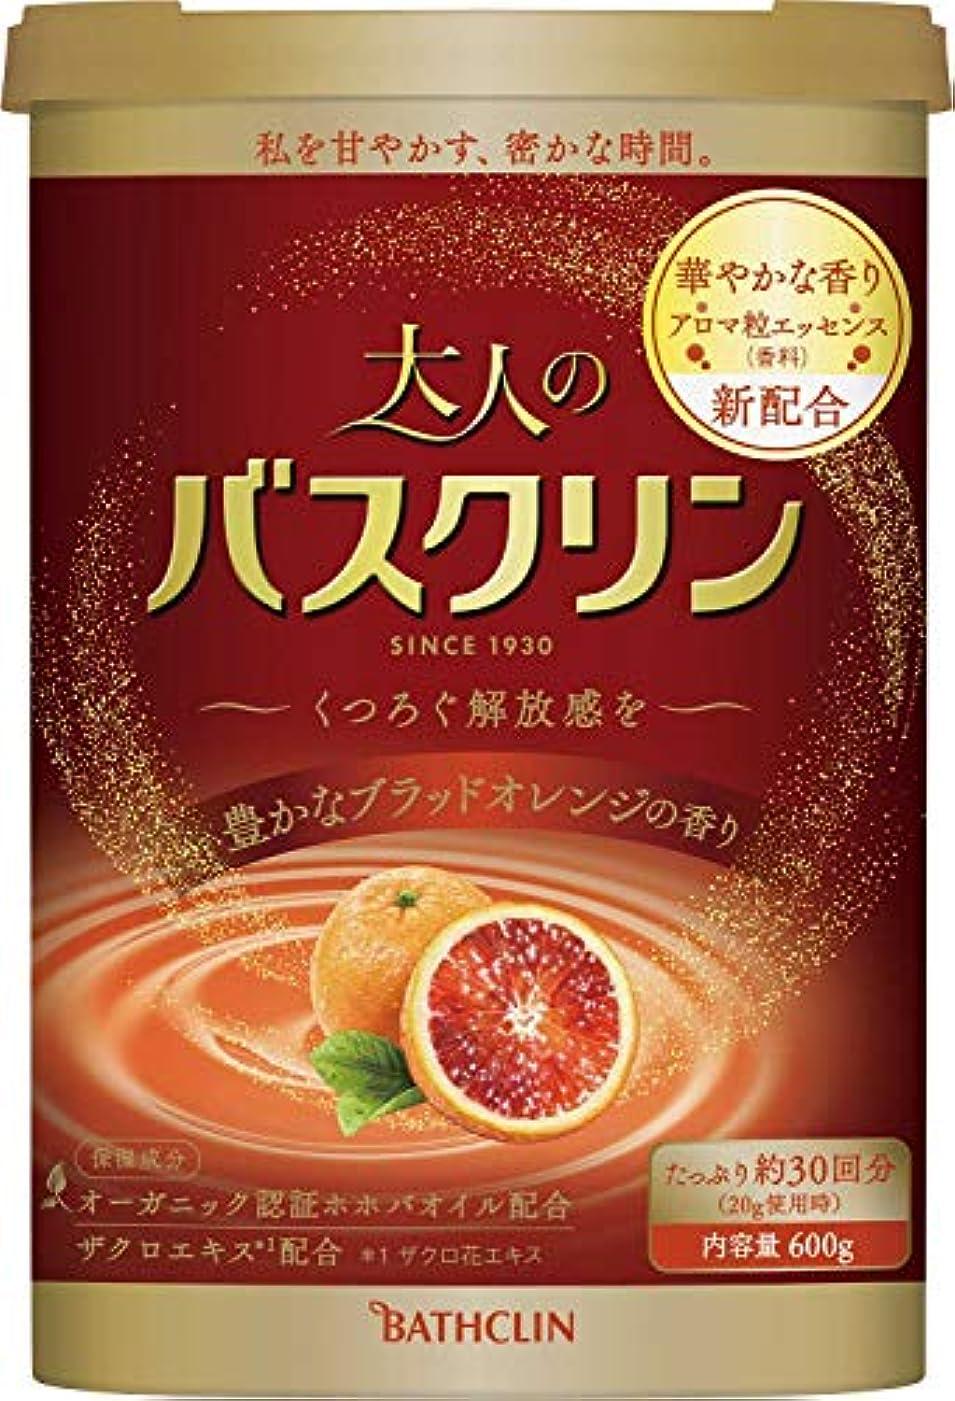 リゾートリラックスした取り消す大人のバスクリン入浴剤 豊かなブラッドオレンジの香り600g(約30回分) リラックス にごりタイプ